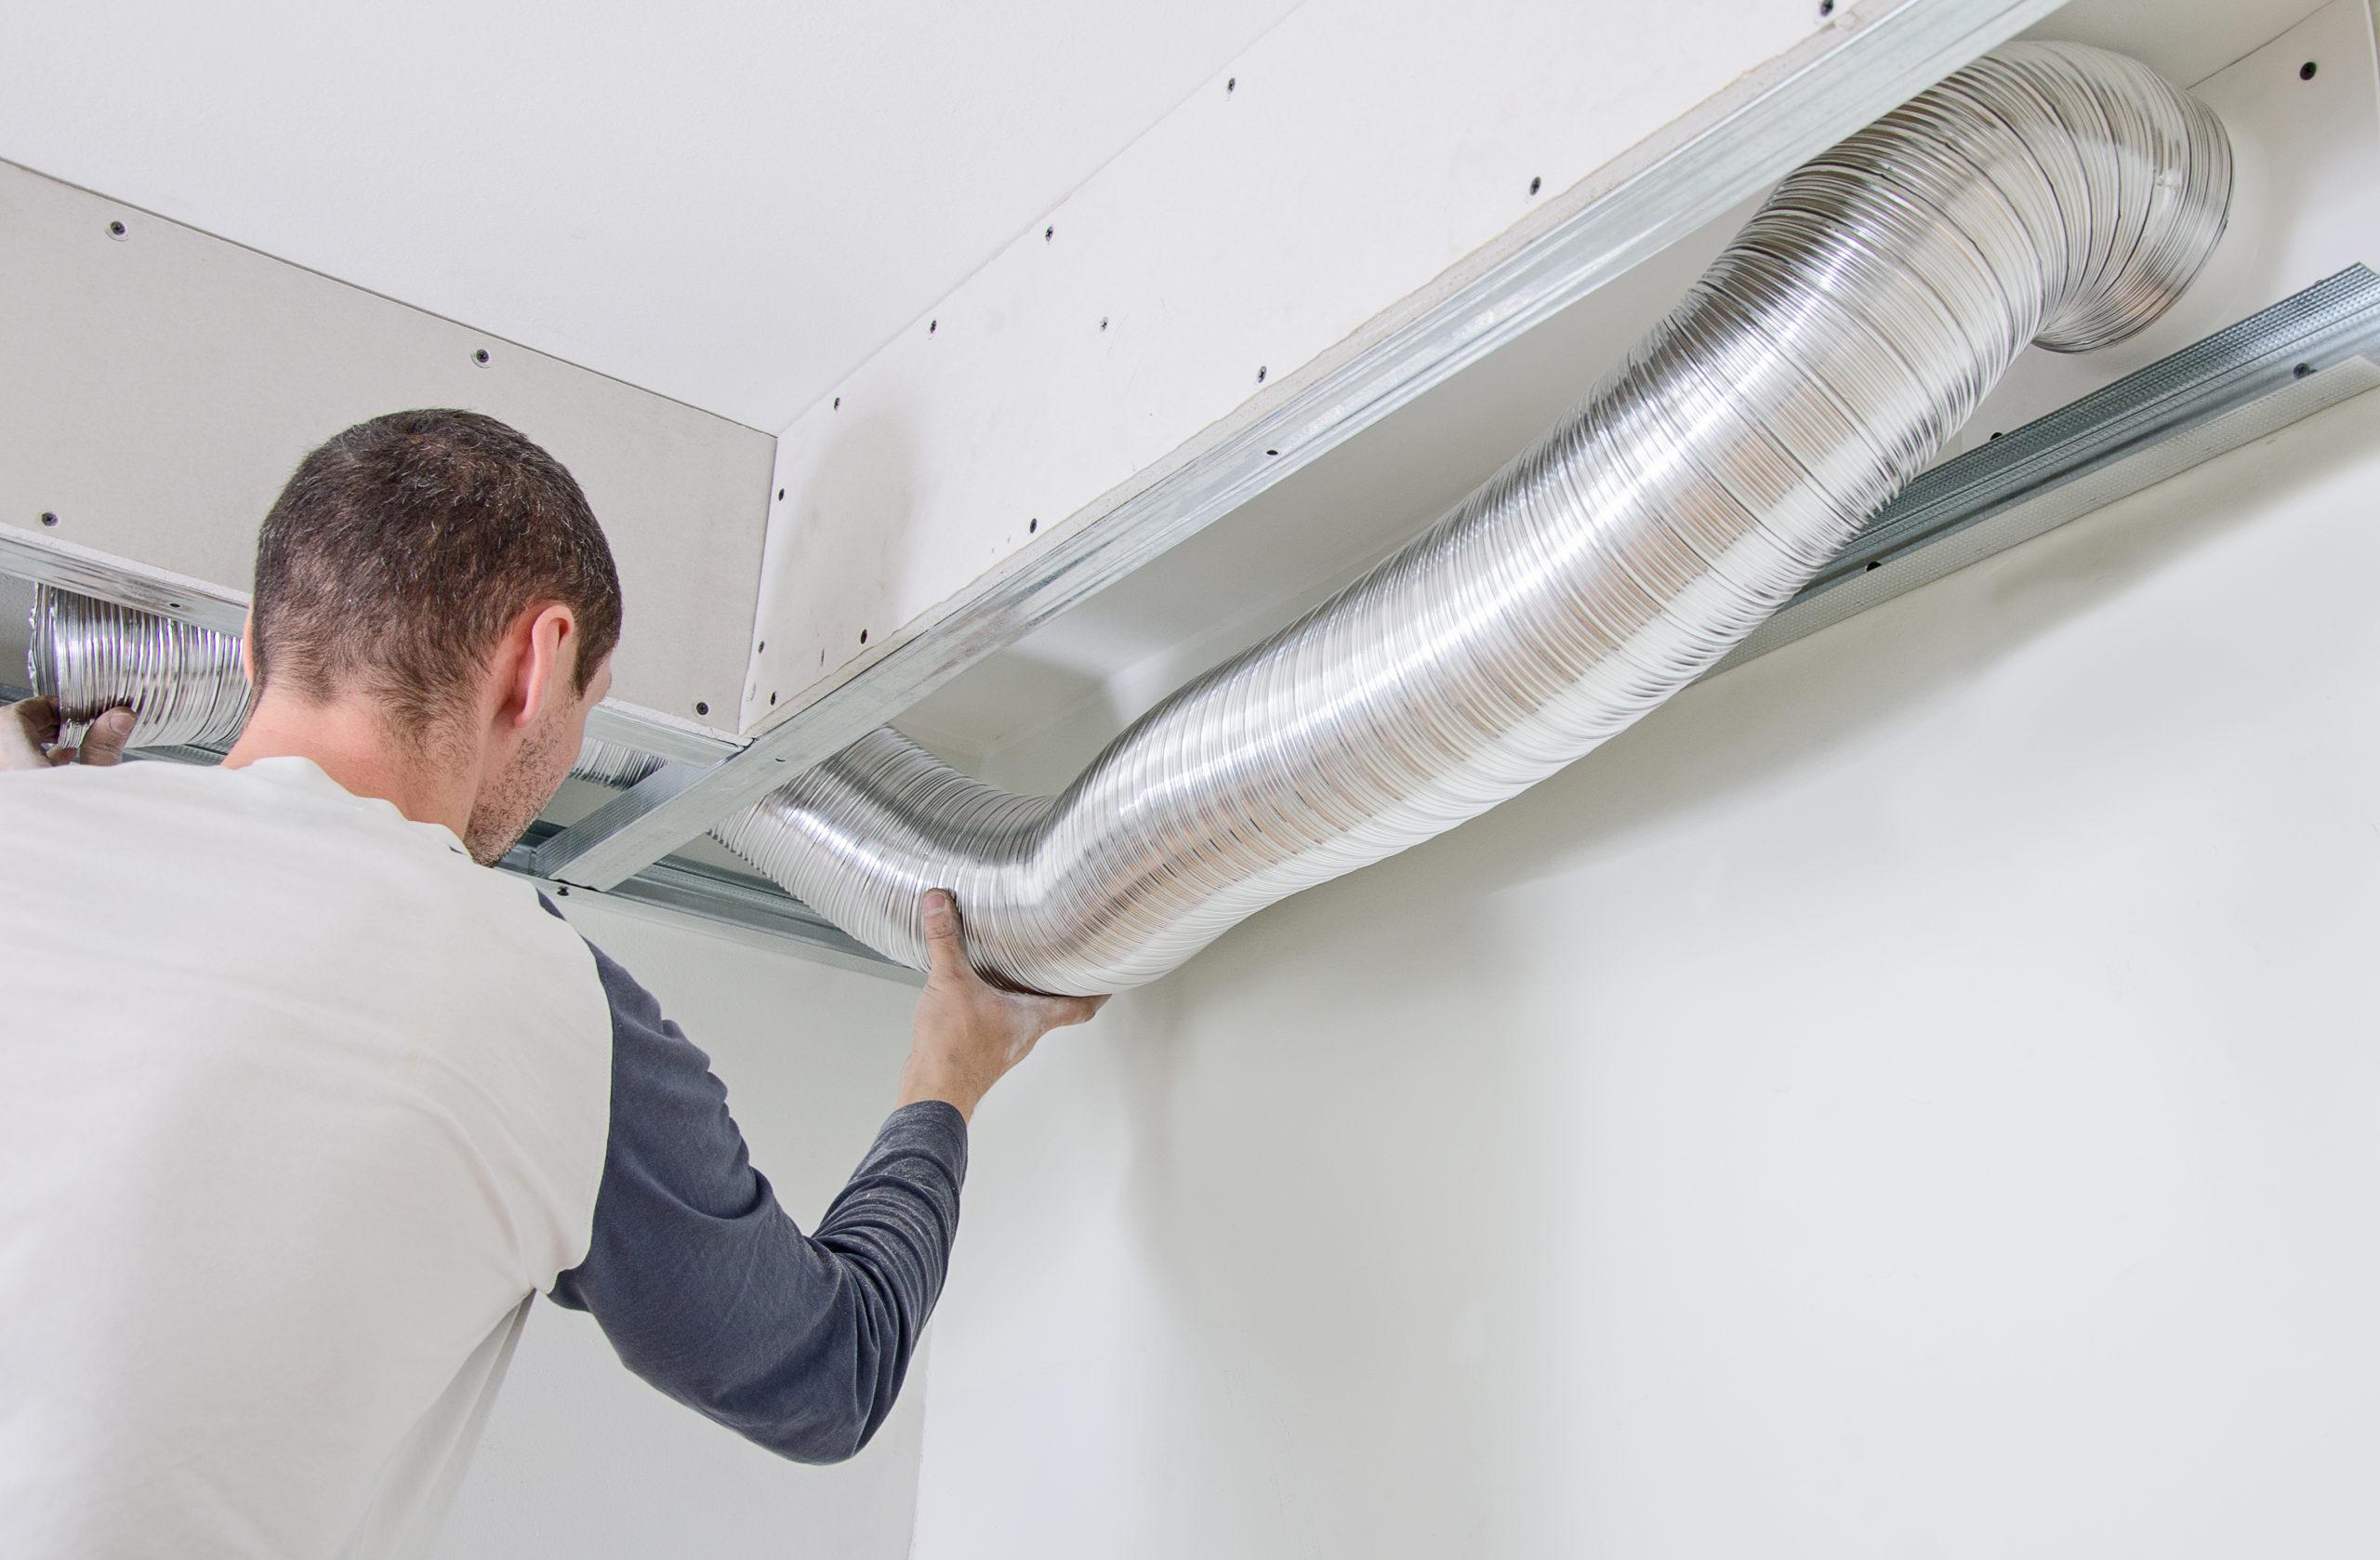 Ventillation Installation